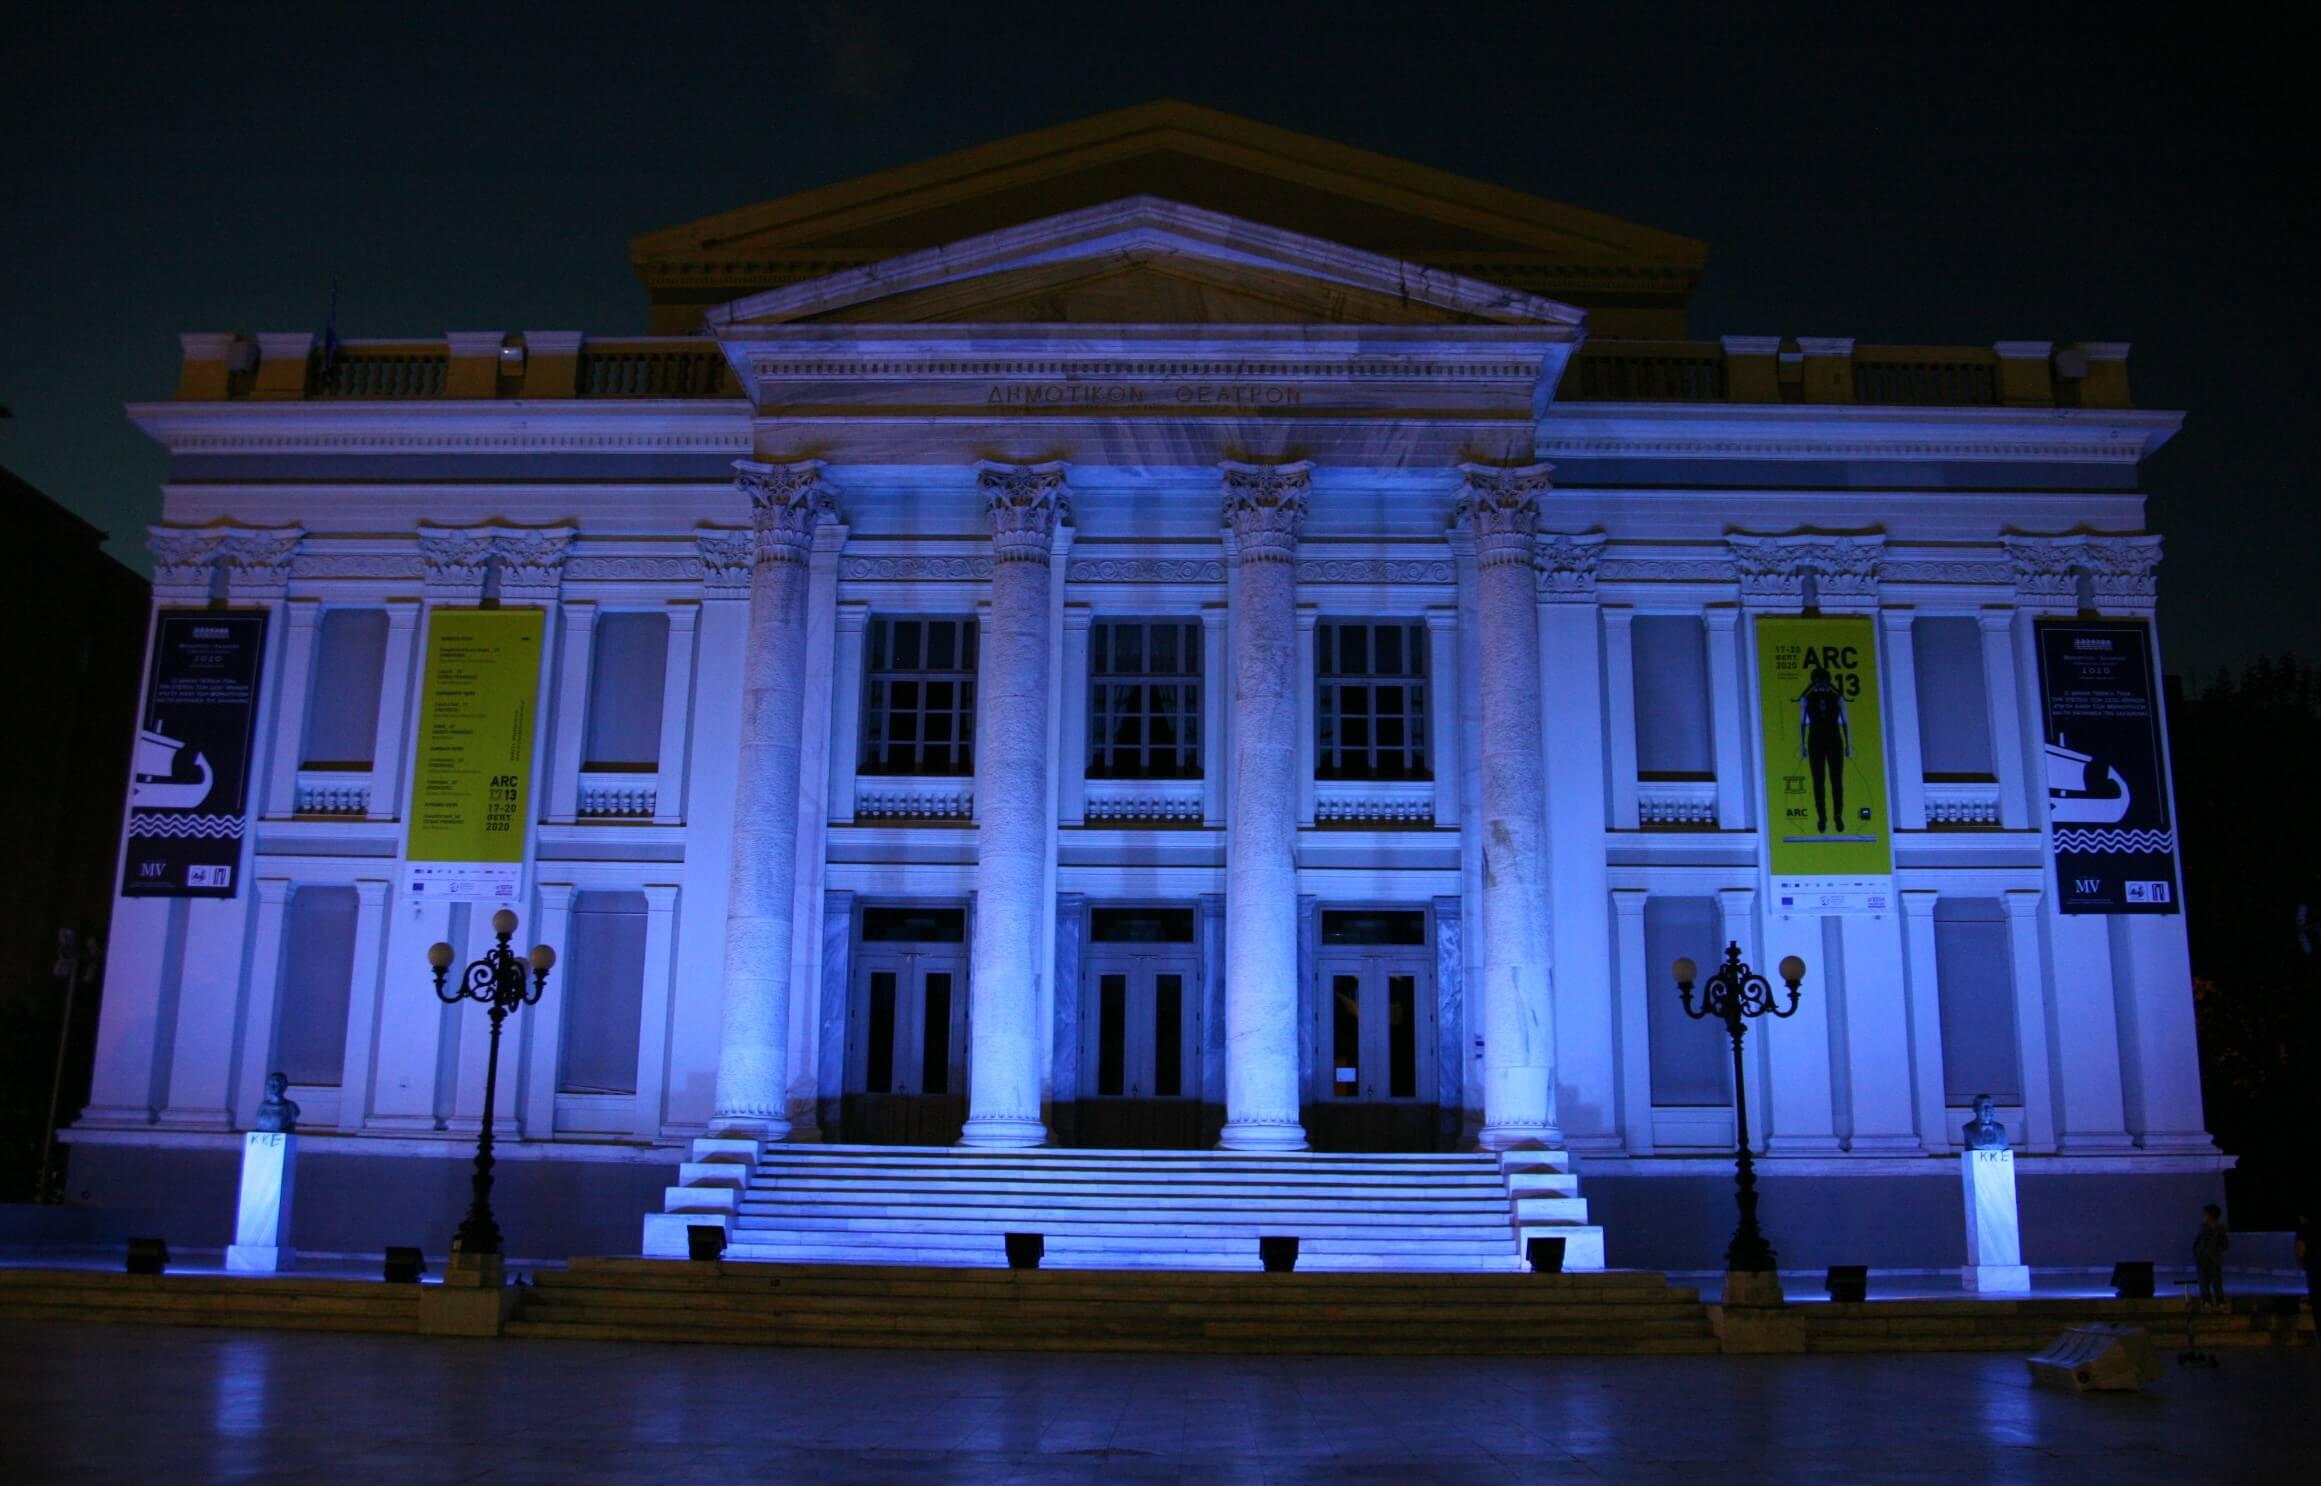 Ο Δήμος Πειραιά  τιμά την επέτειο της Μάχης των Θερμοπυλών και της Ναυμαχίας της Σαλαμίνας